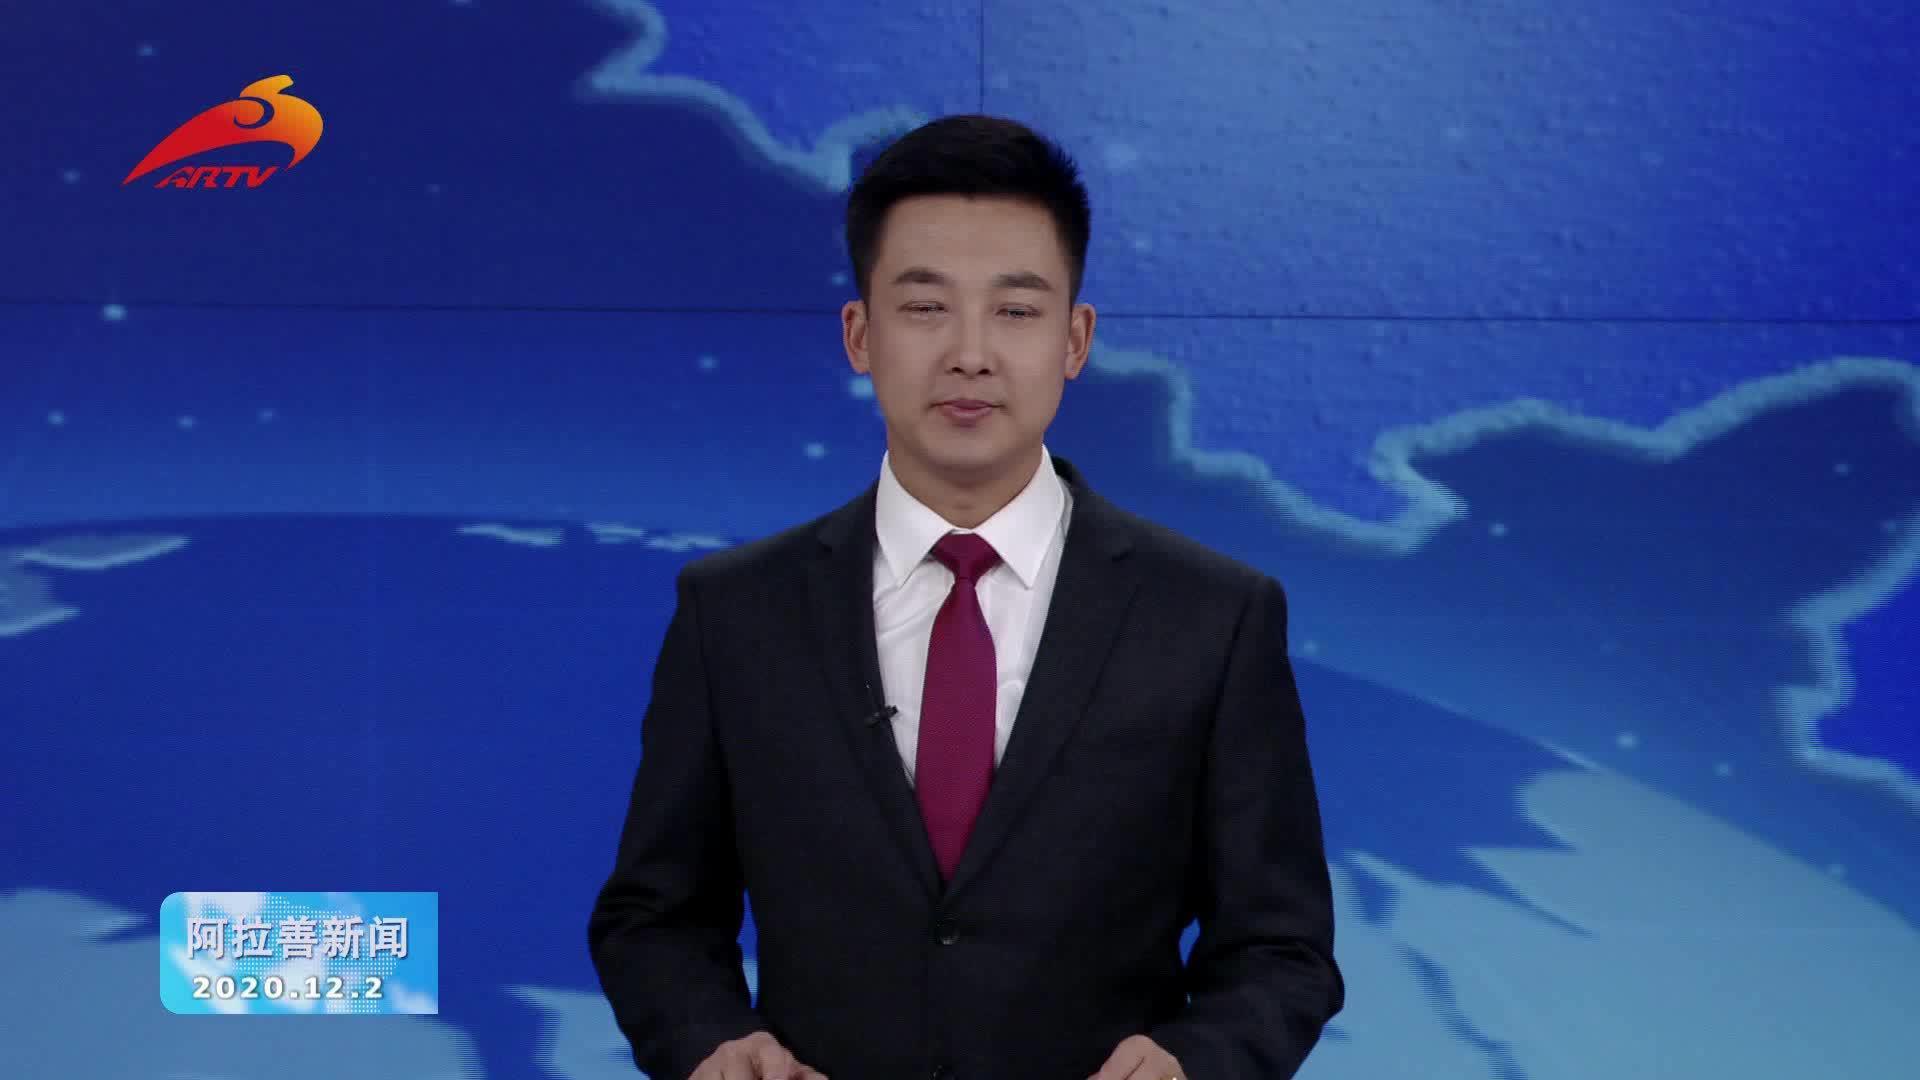 《内蒙古自治区文明行为促进条例》12月1日起正式施行